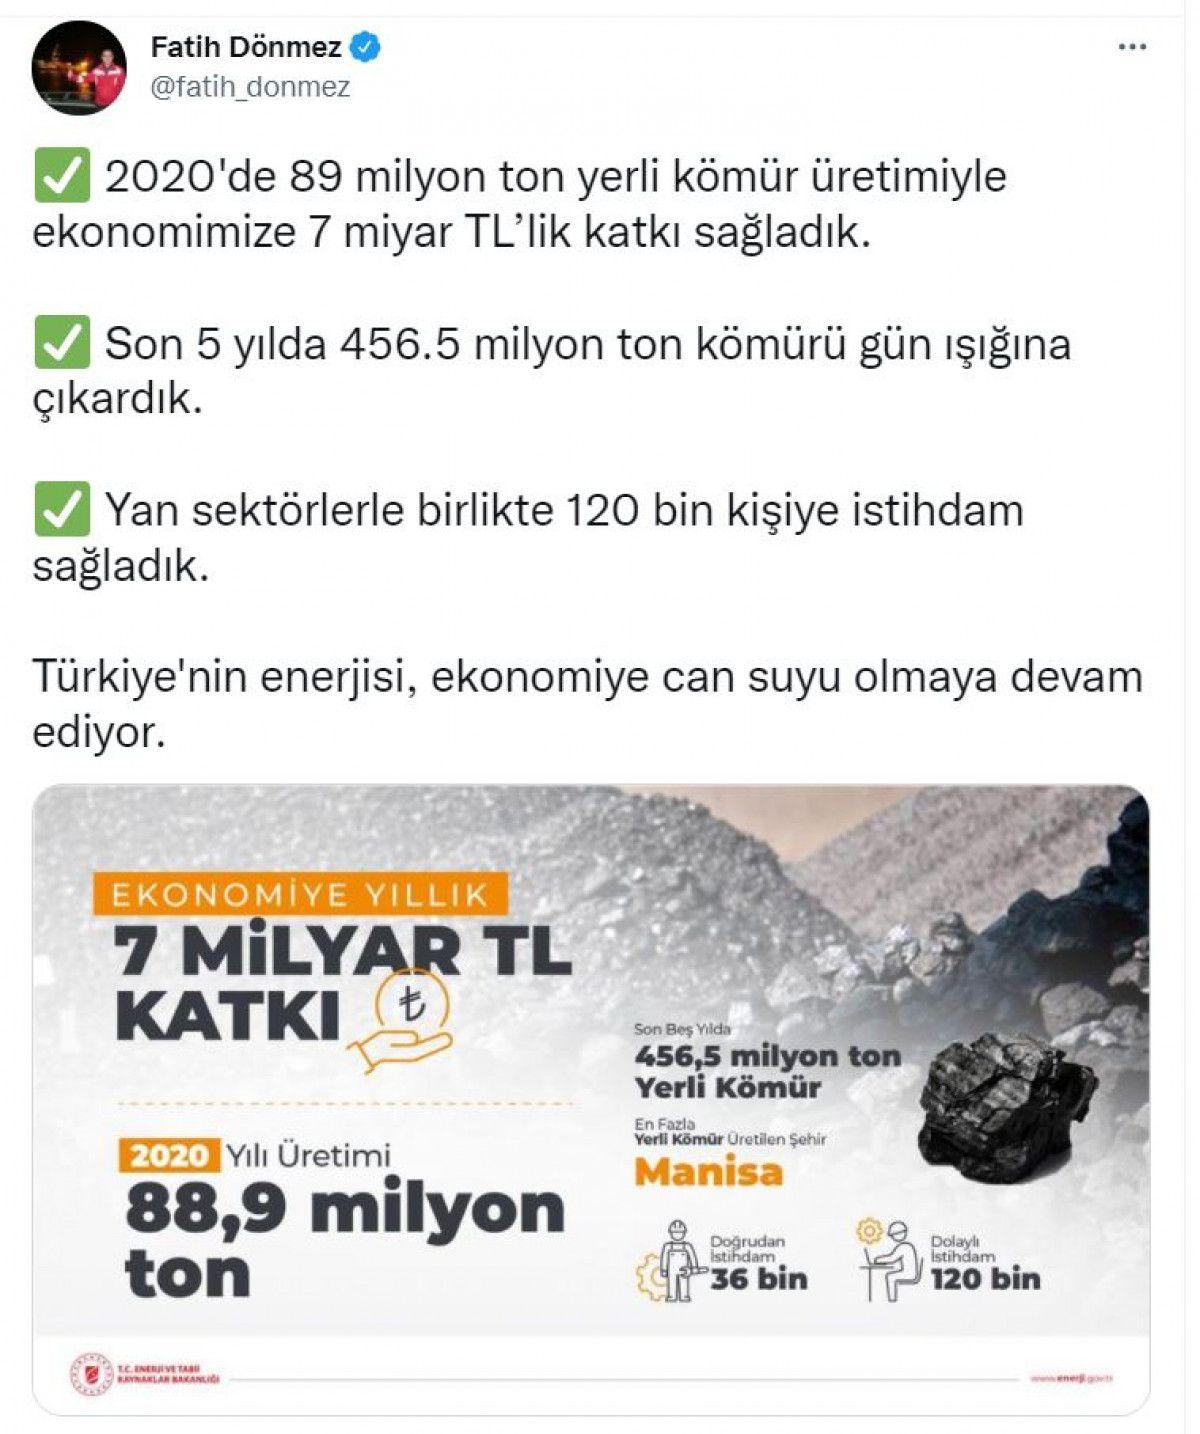 Türkiye de son 5 yılda 456.5 milyon ton kömür çıkarıldı #1